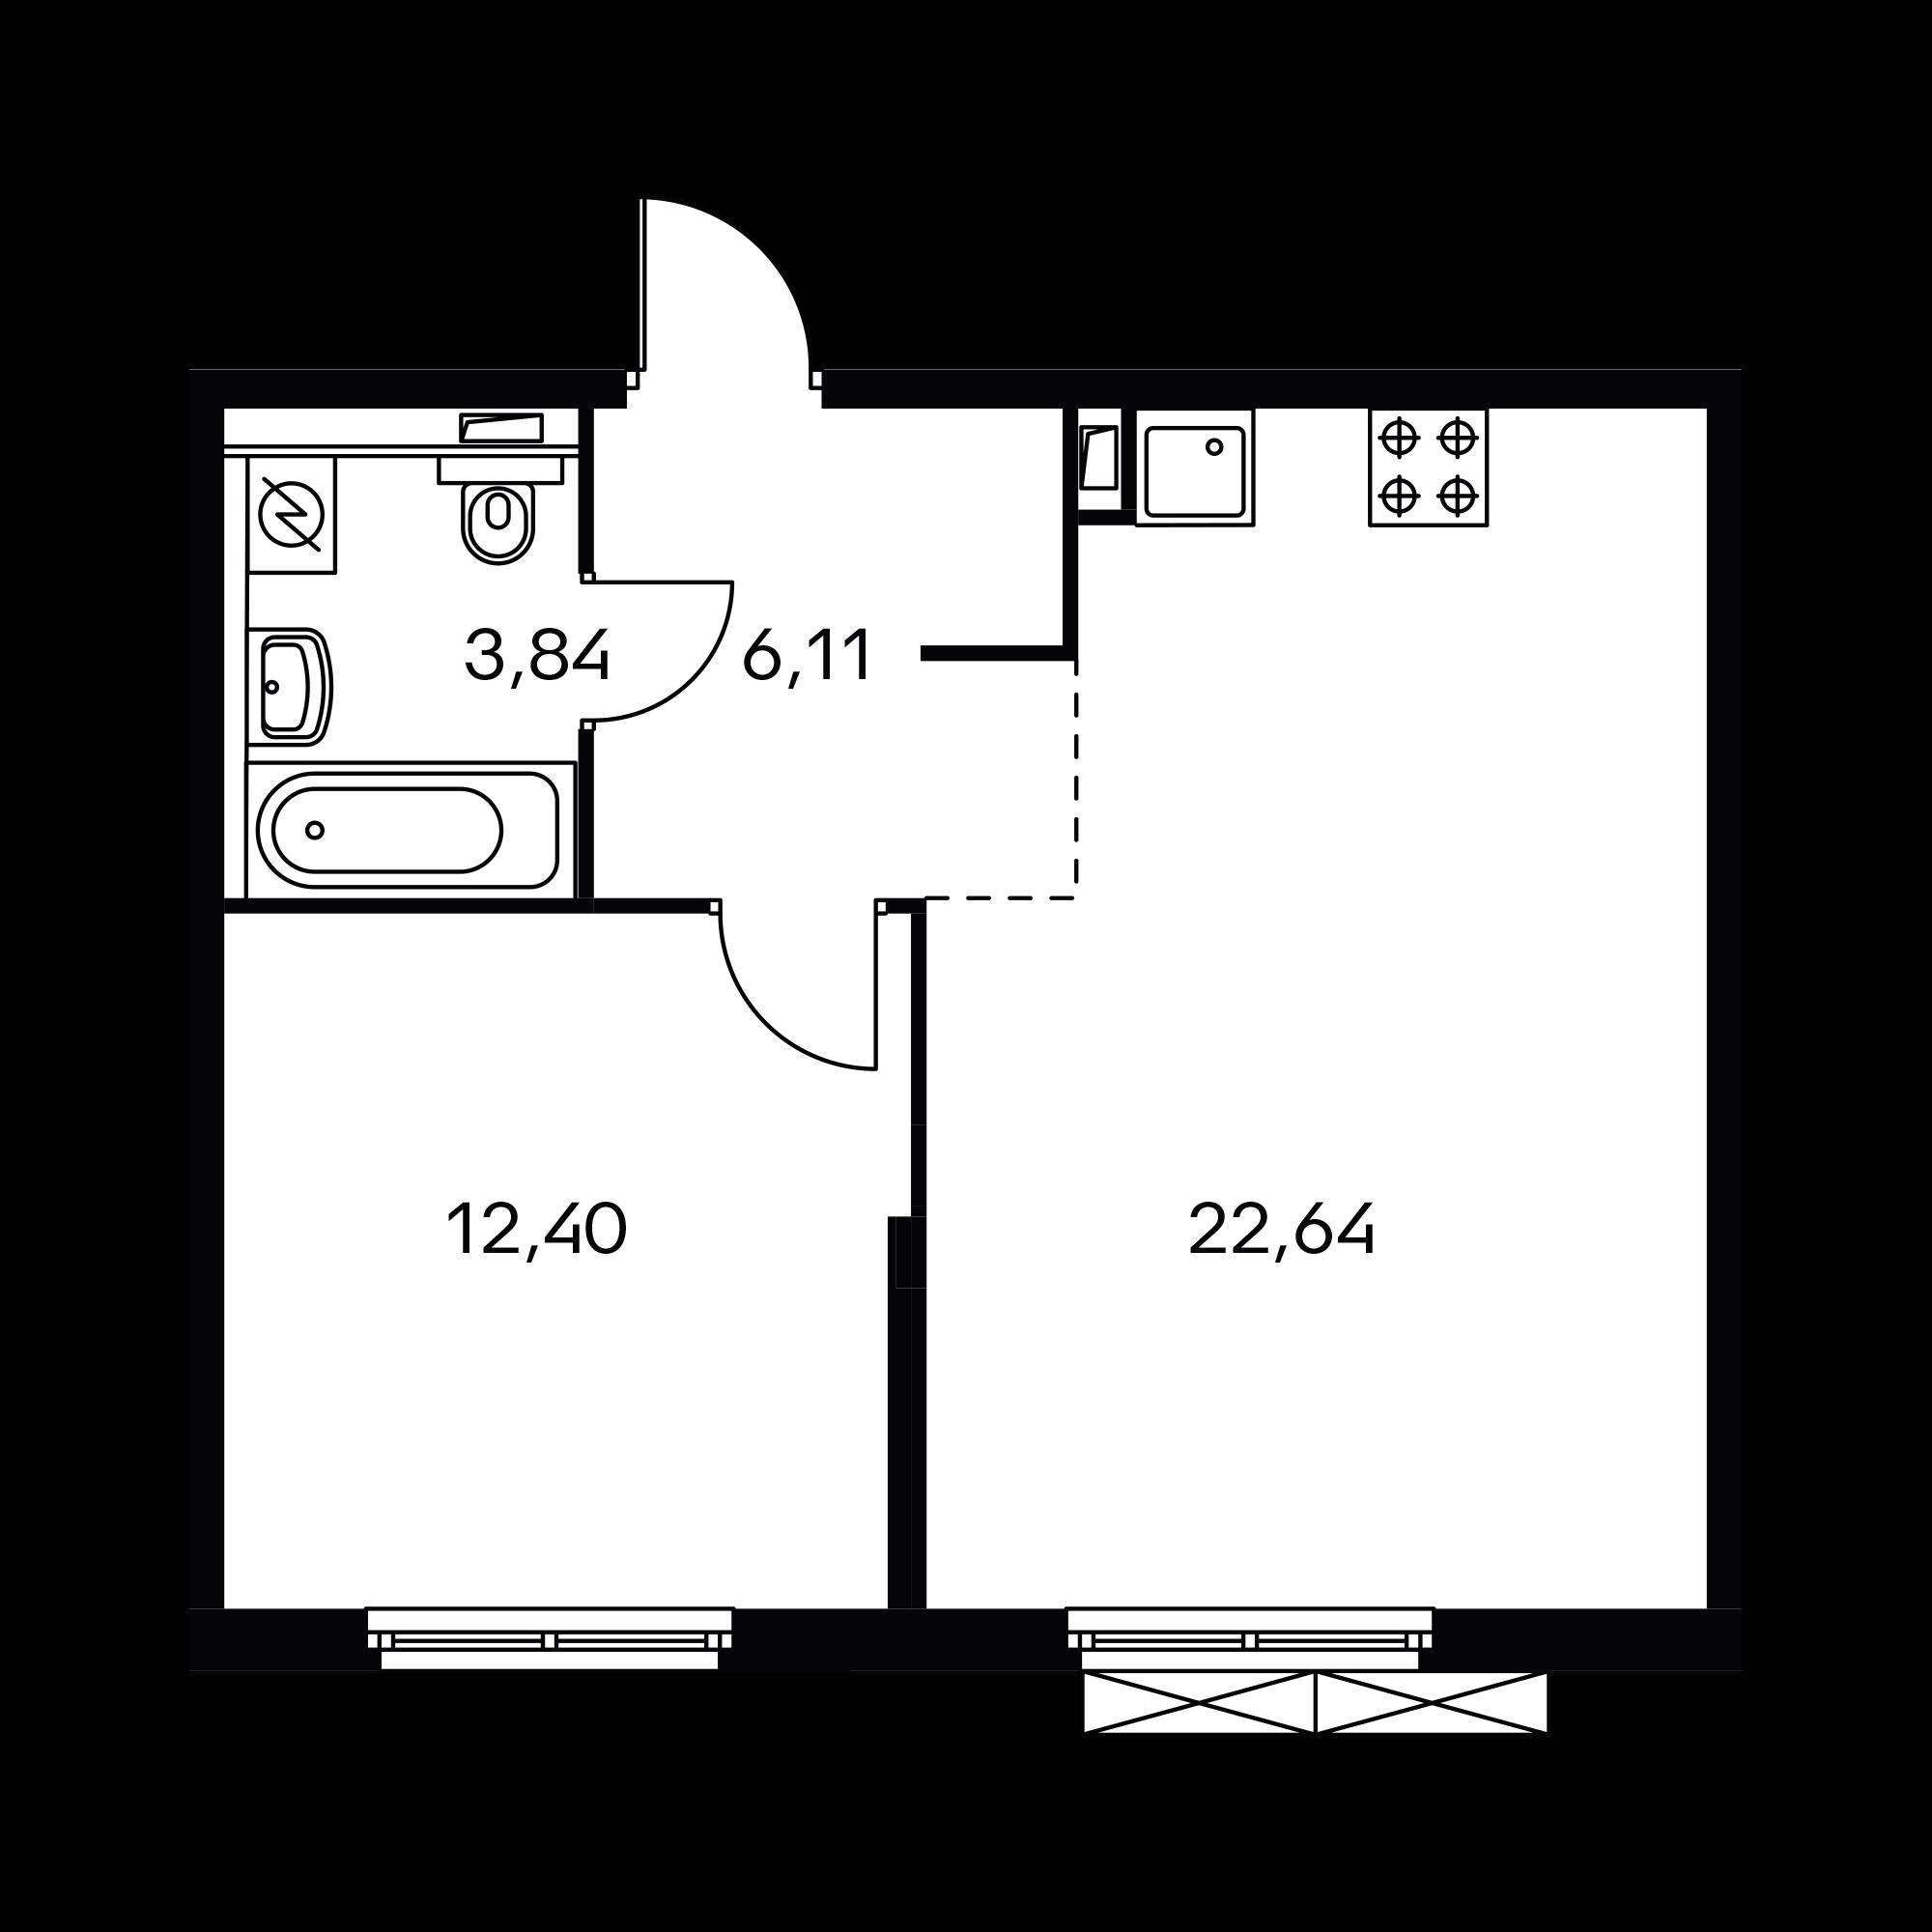 1EL5_7.8-1_S_A1